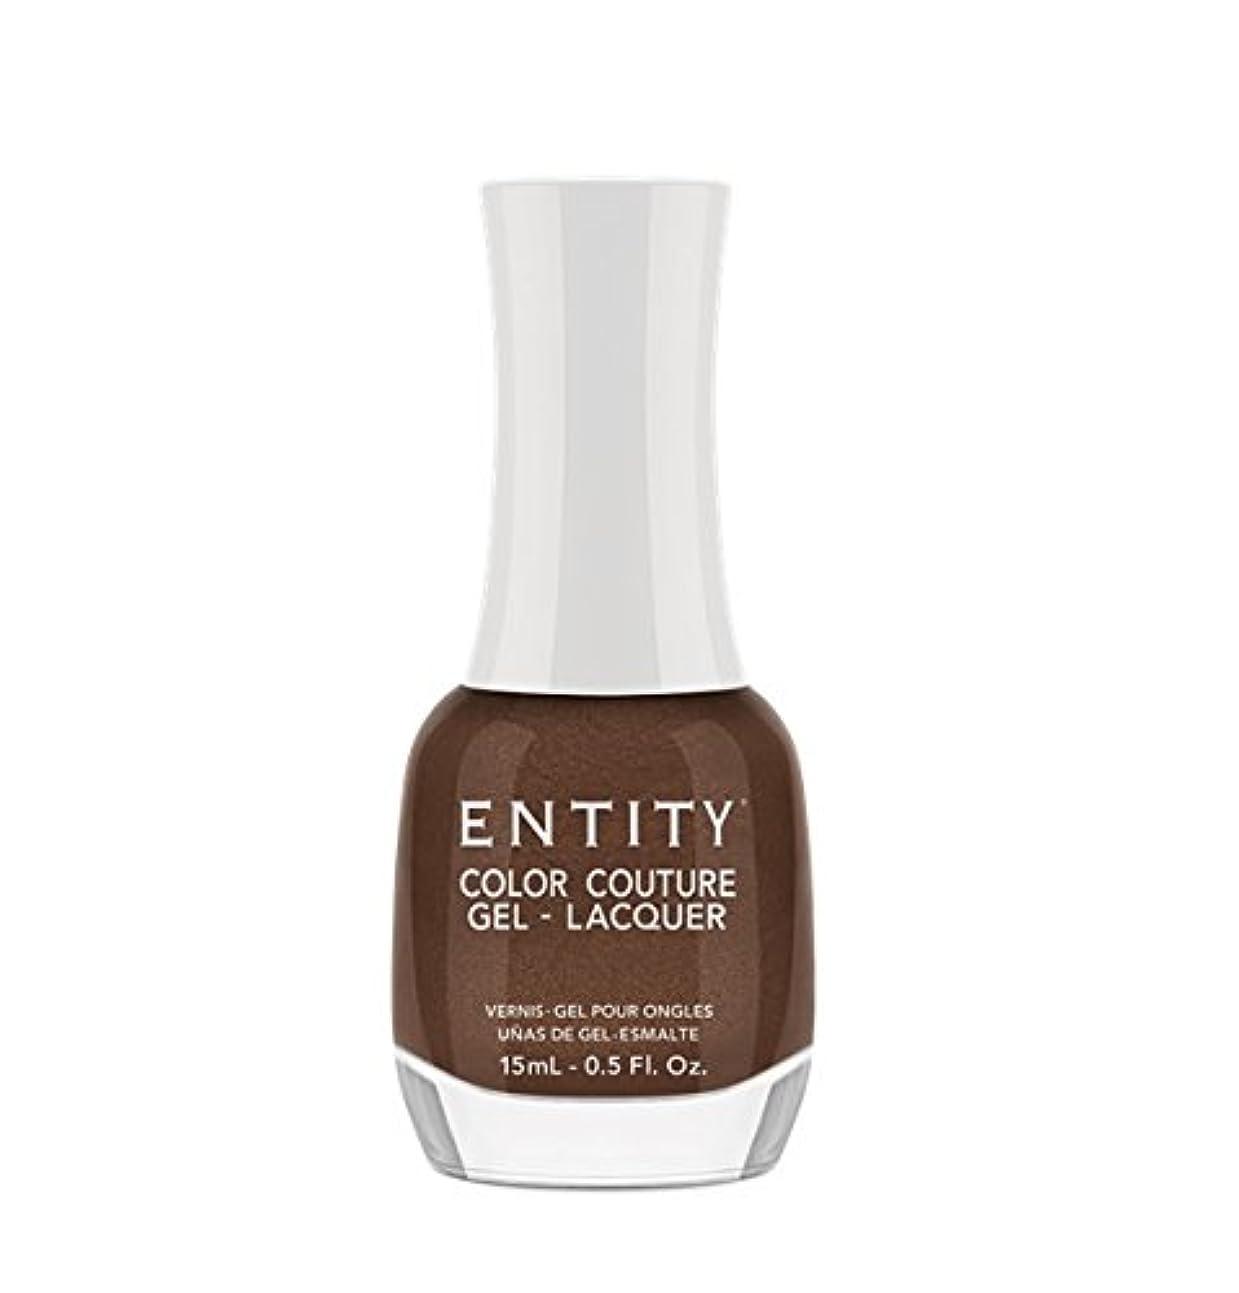 蒸留協力的前述のEntity Color Couture Gel-Lacquer - Paparazzi Jungle - 15 ml/0.5 oz